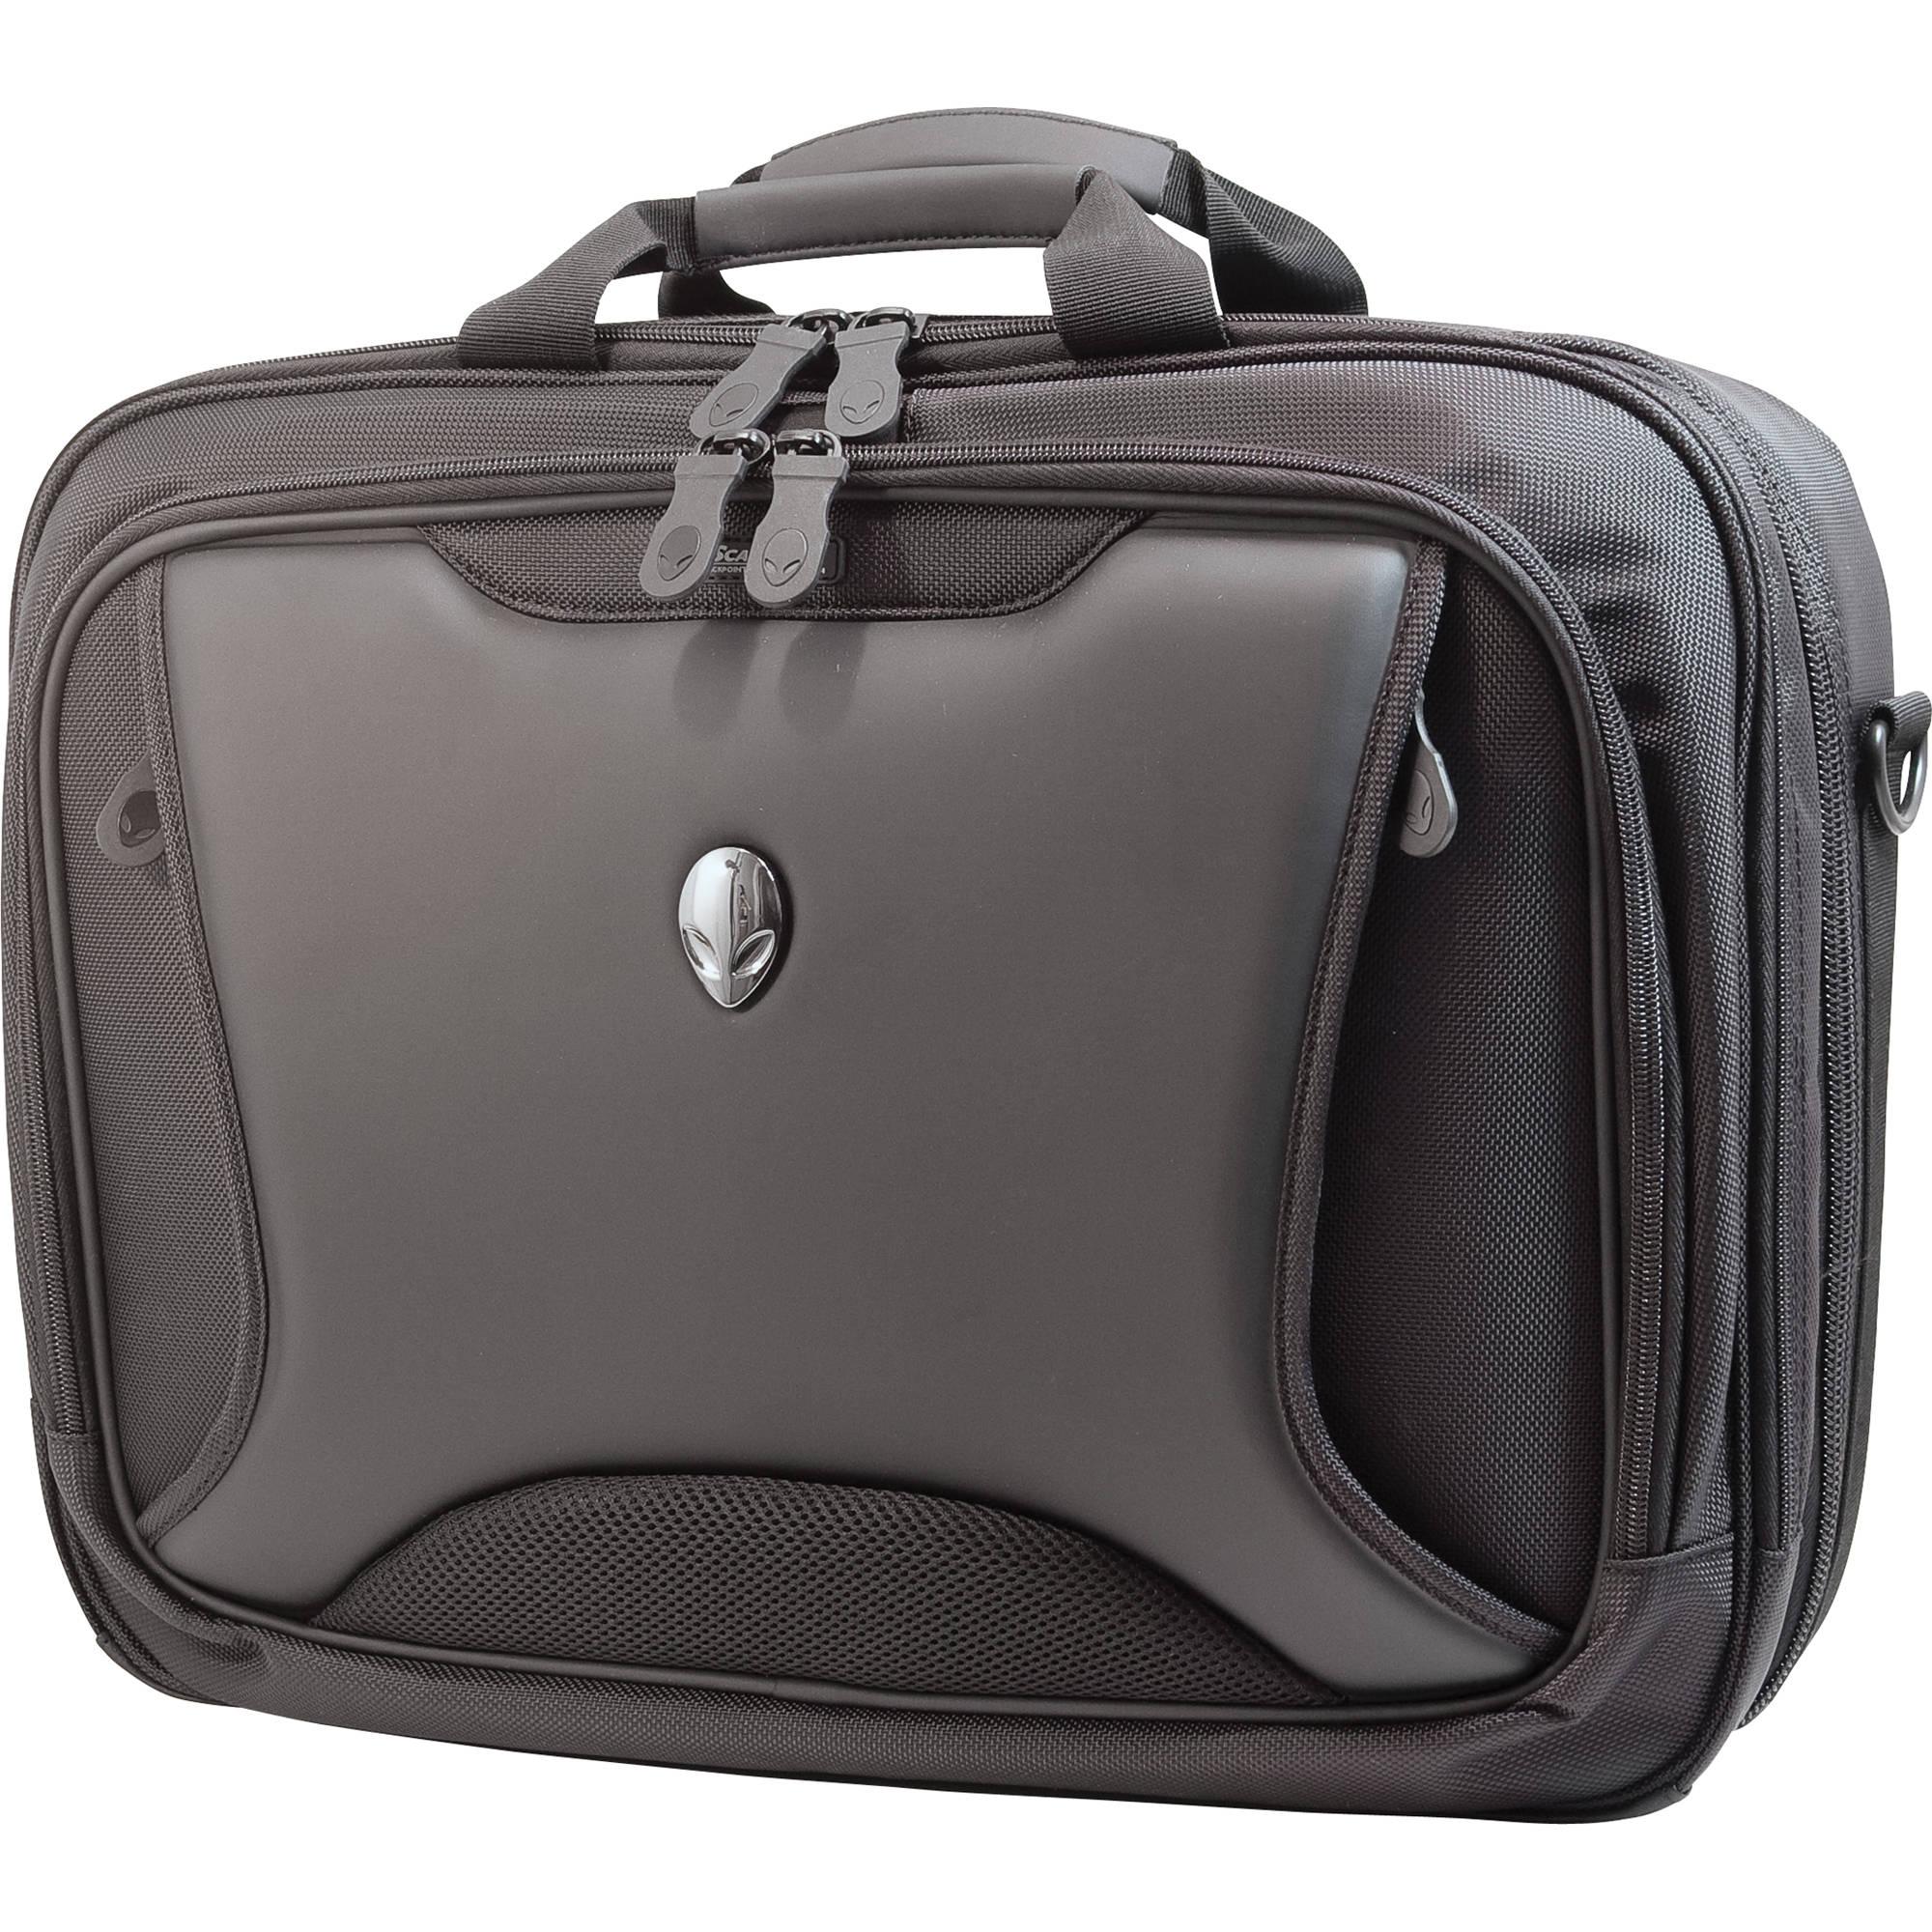 Alienware Orion M17x Messenger Bag